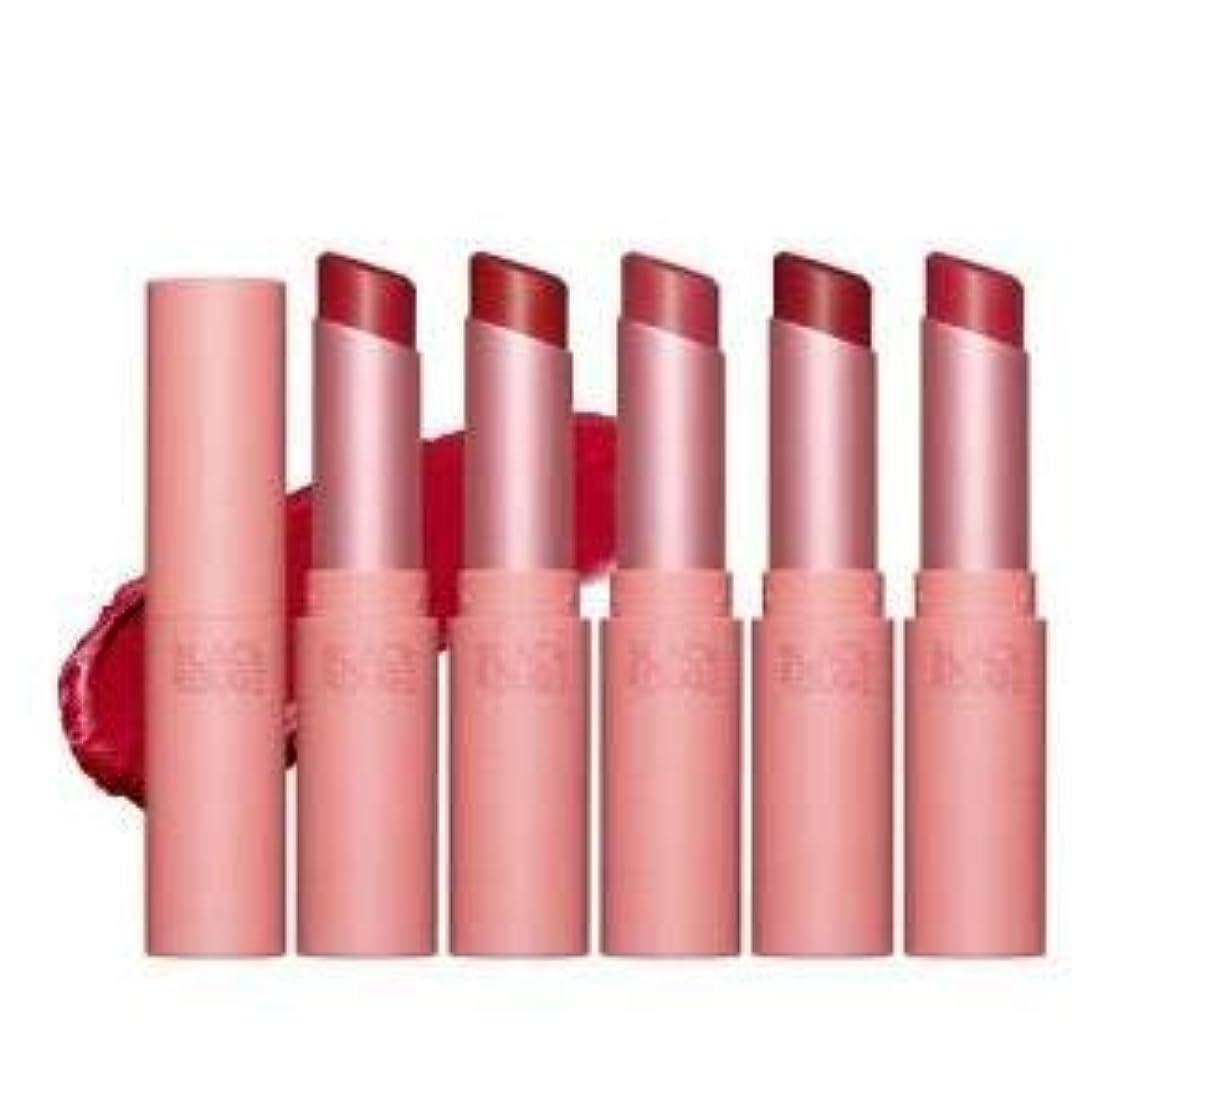 虐待有限とてもBlack Rouge Velvet Lip Stick (R05 Rose in the forest) ブラックルージュ ベルベット リップスティック [並行輸入品]